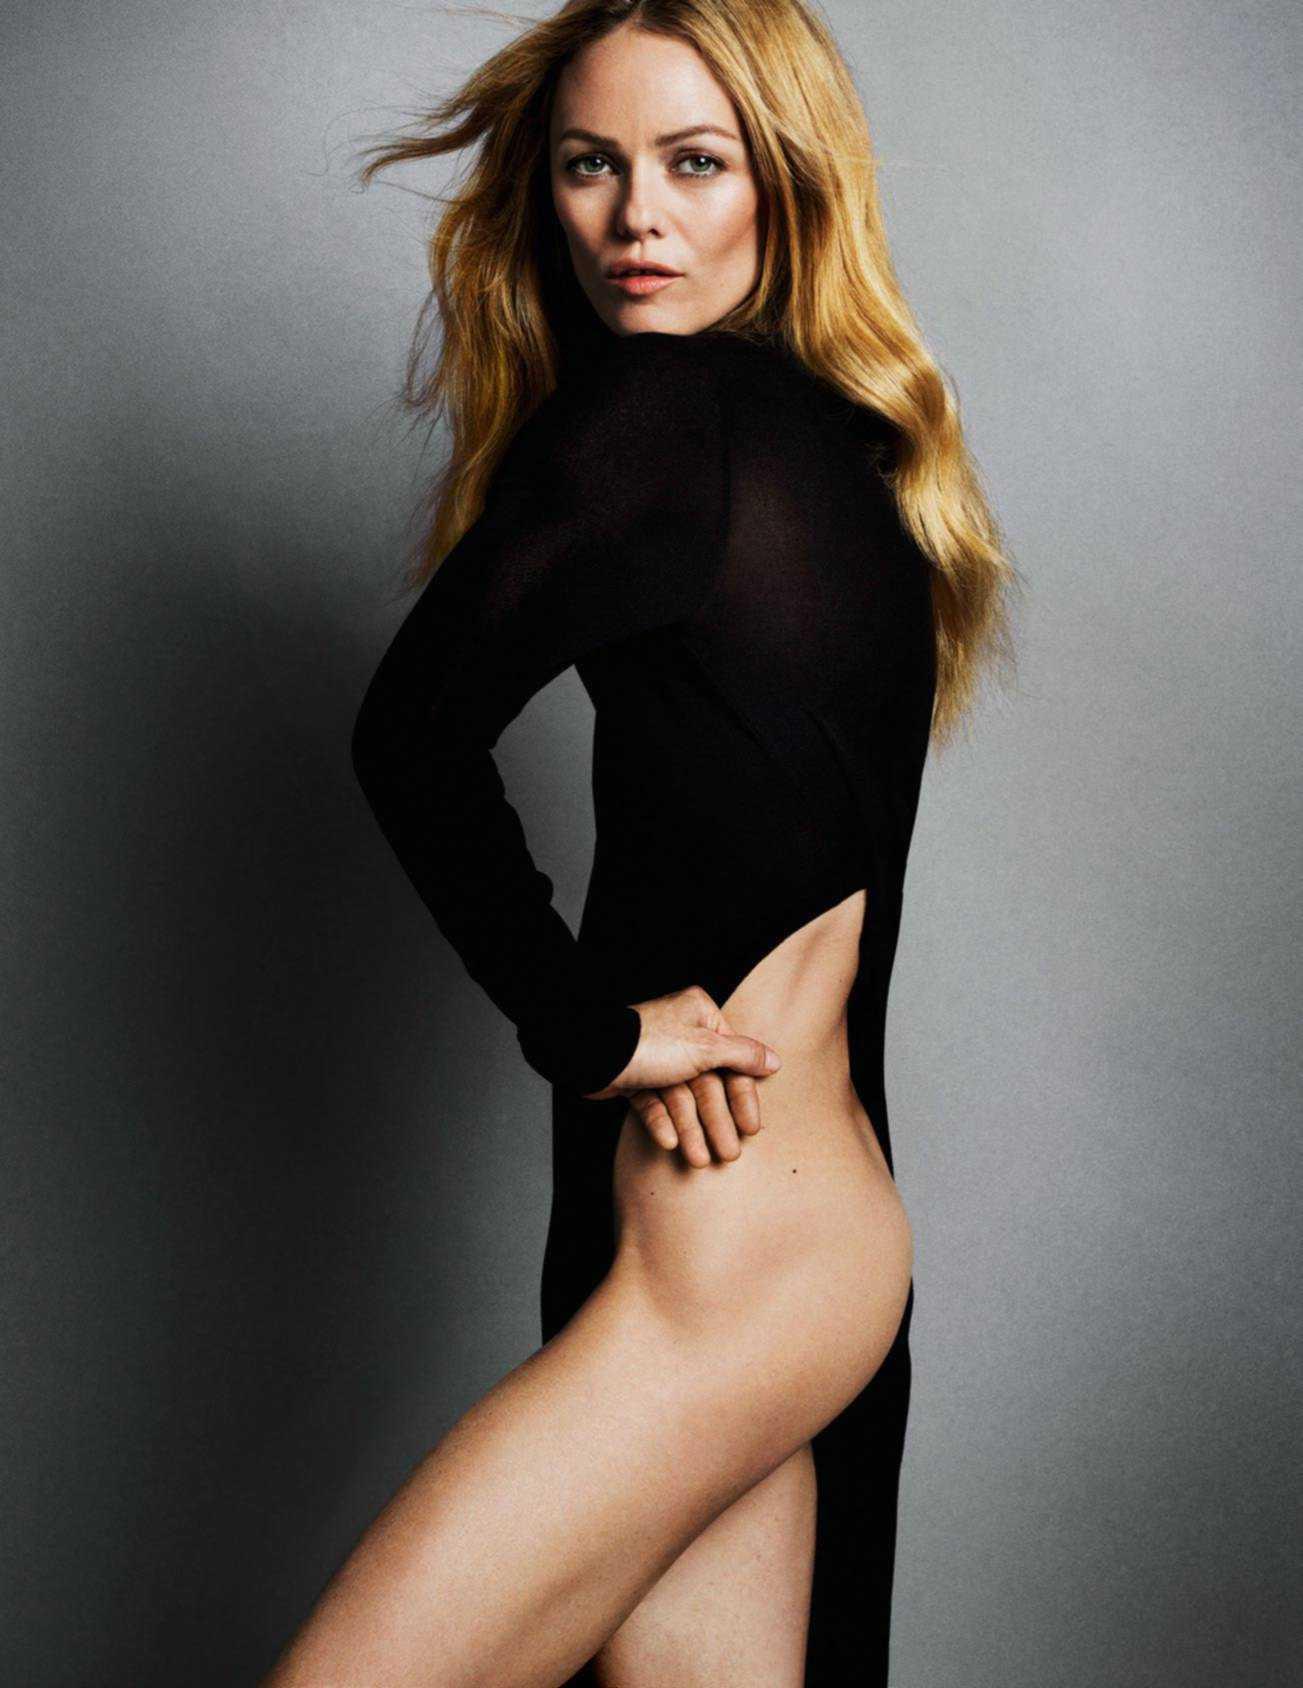 Vanessa Paradis booty pics